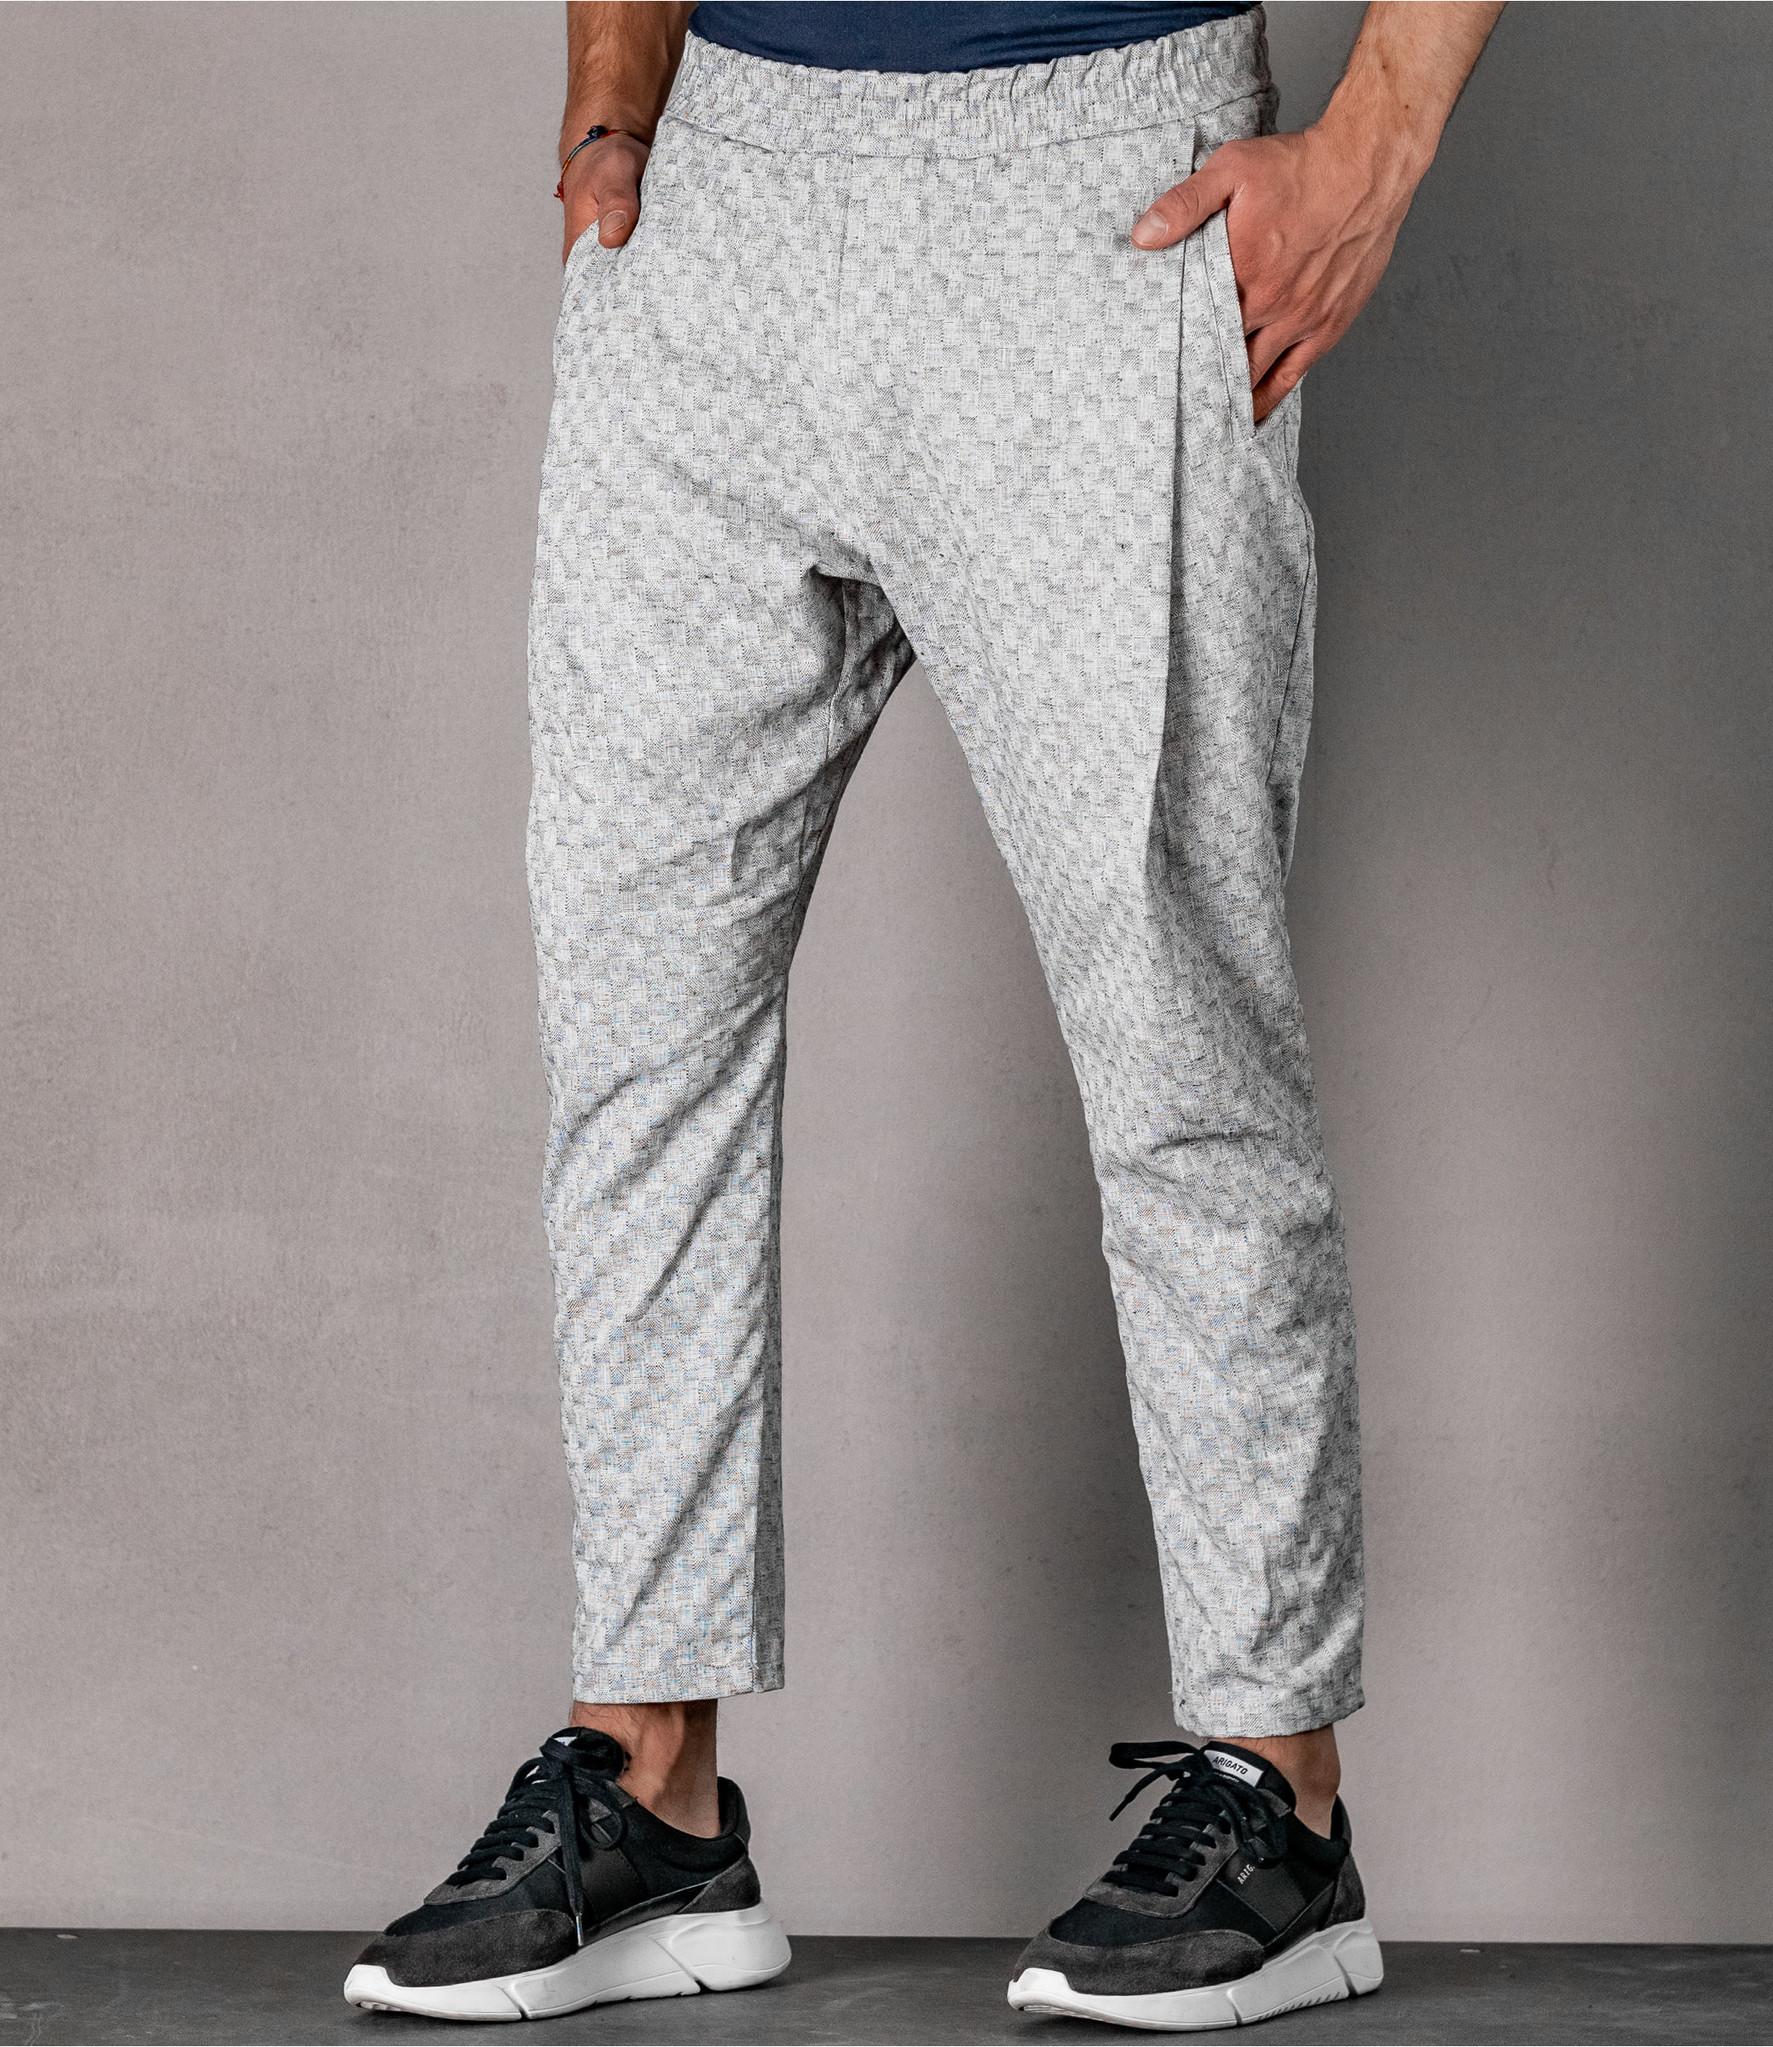 Zumo Loose Fit Pants VARVATH-CITRUS WhiteBlack